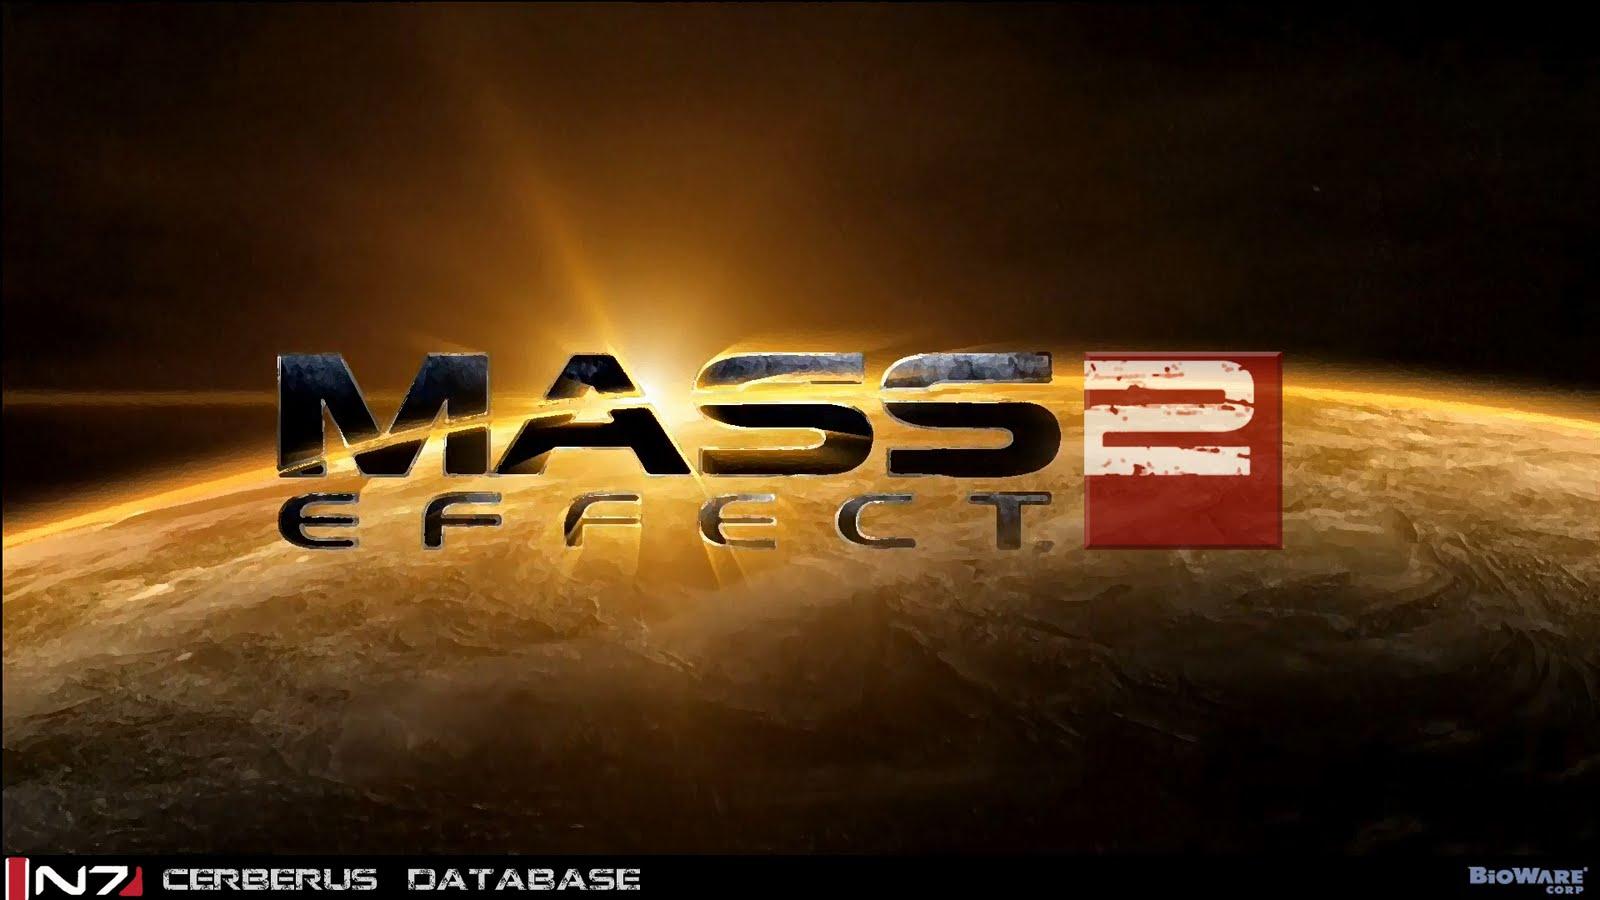 http://1.bp.blogspot.com/_NdPl3casSVs/TKRjbFna40I/AAAAAAAAAP8/JT64njHV0mI/s1600/Mass_Effect_2___Wallpaper_by_Shade_117.jpg